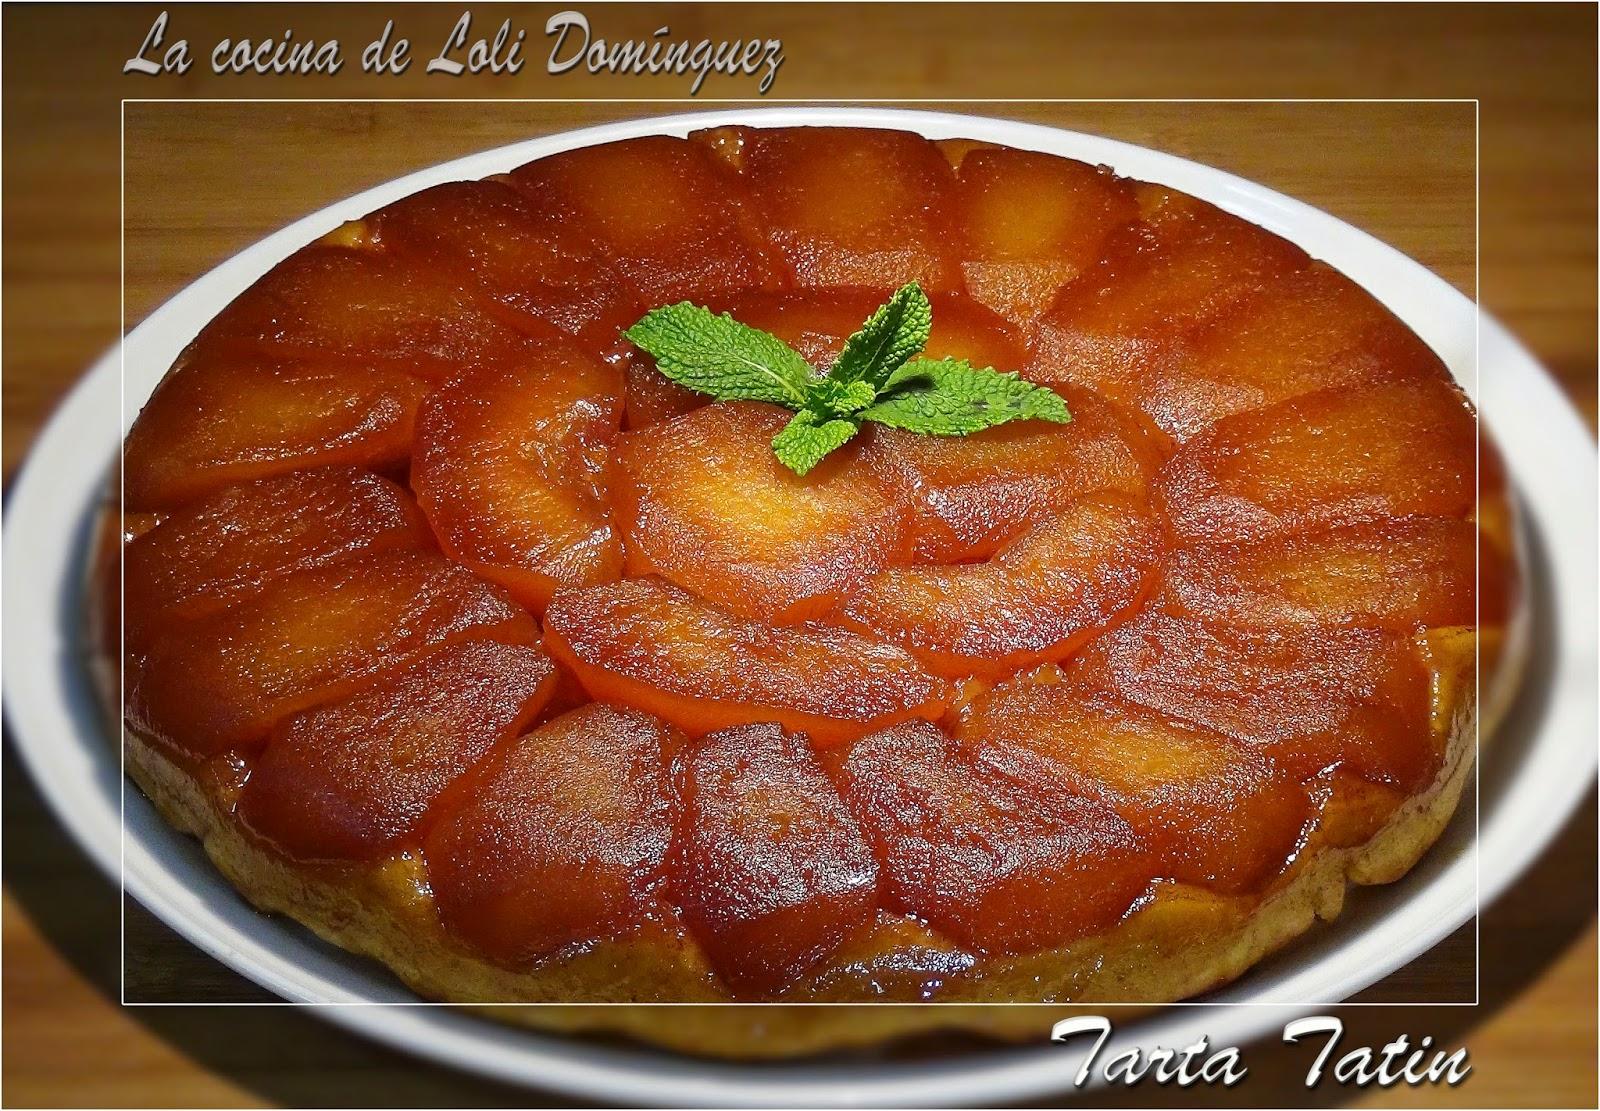 La cocina de loli dom nguez tarta tatin for Cocina francesa canal cocina